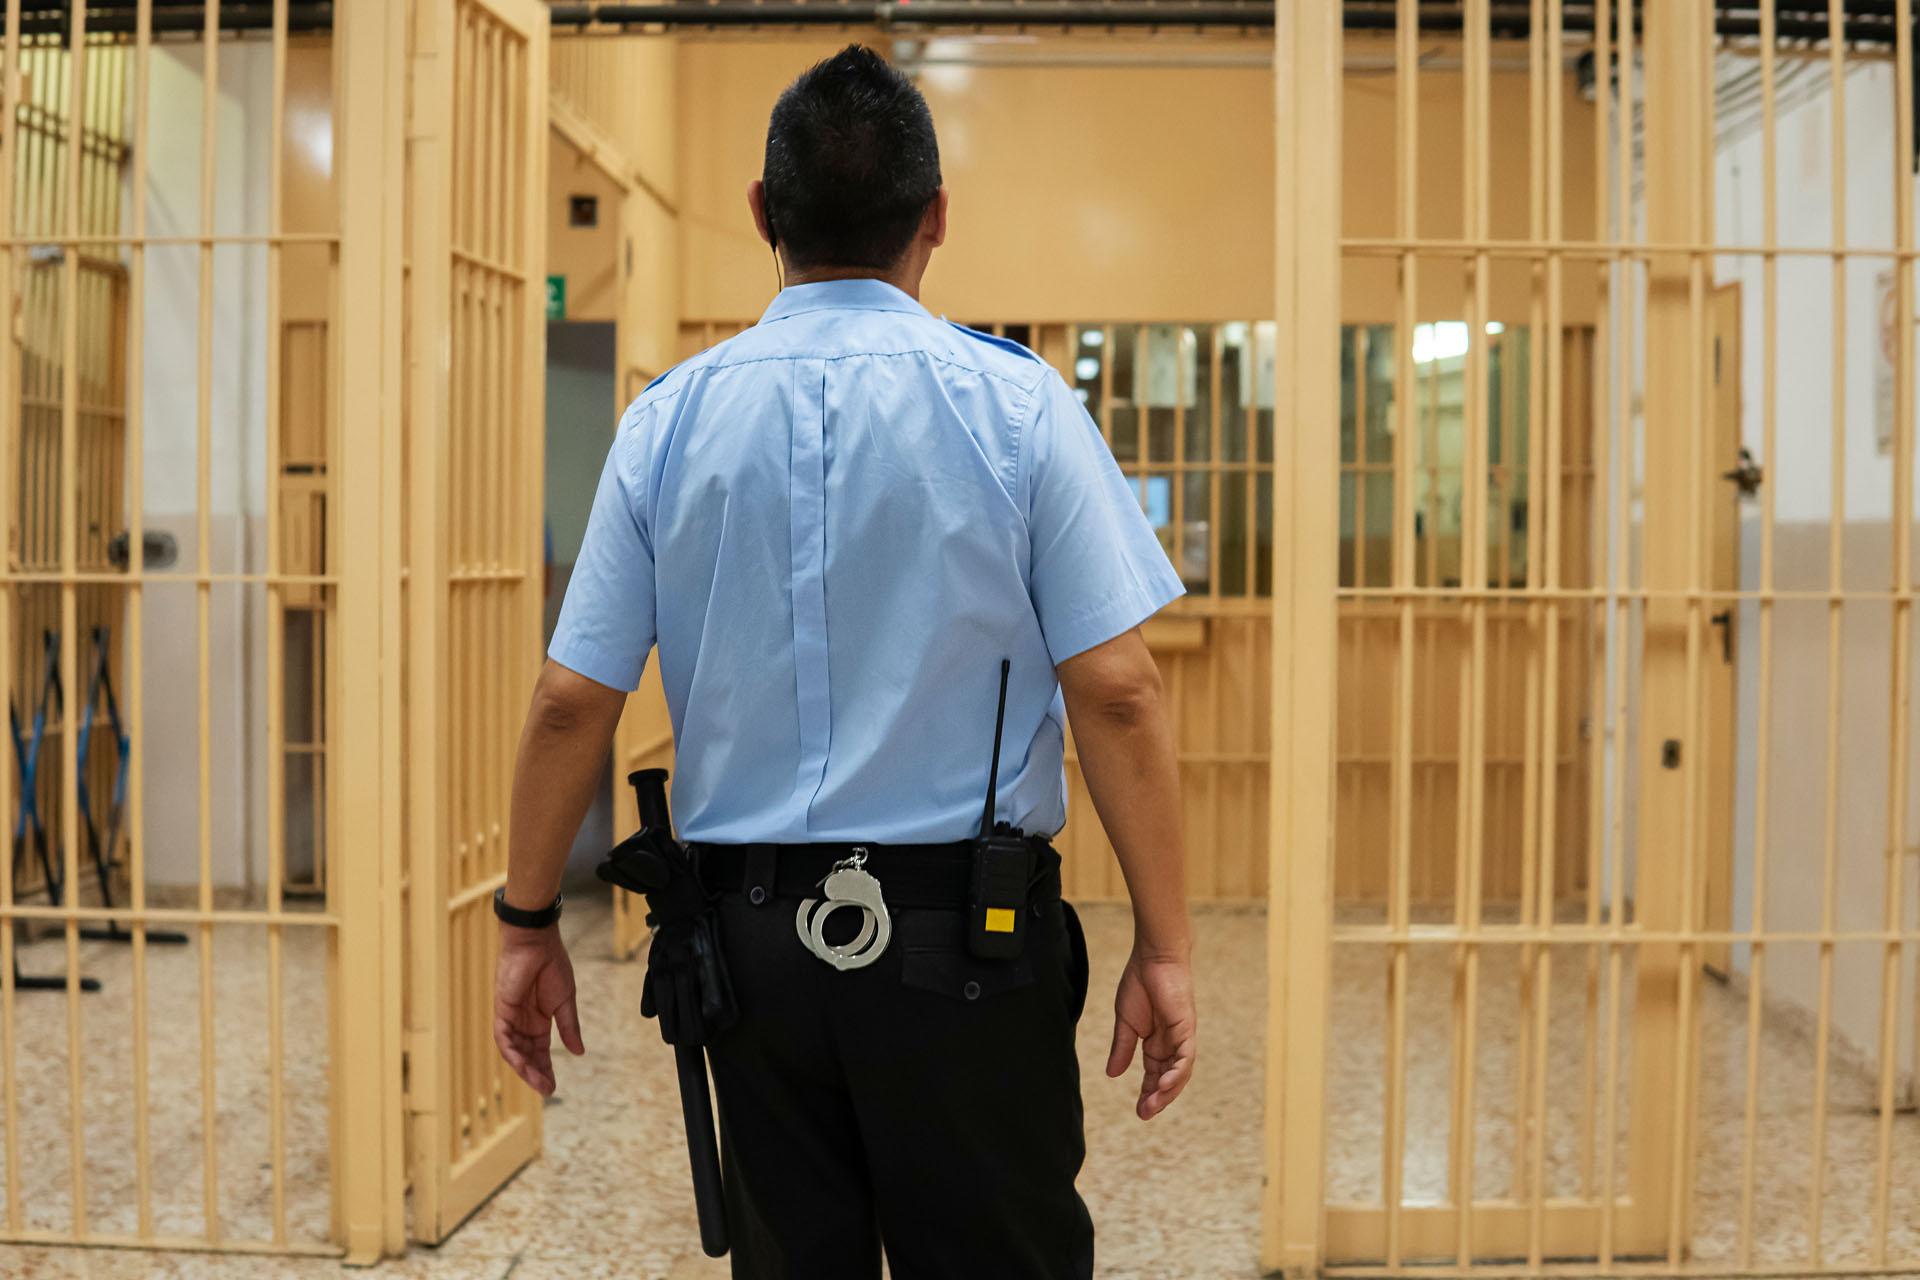 metier-surveillant-penitentiaire